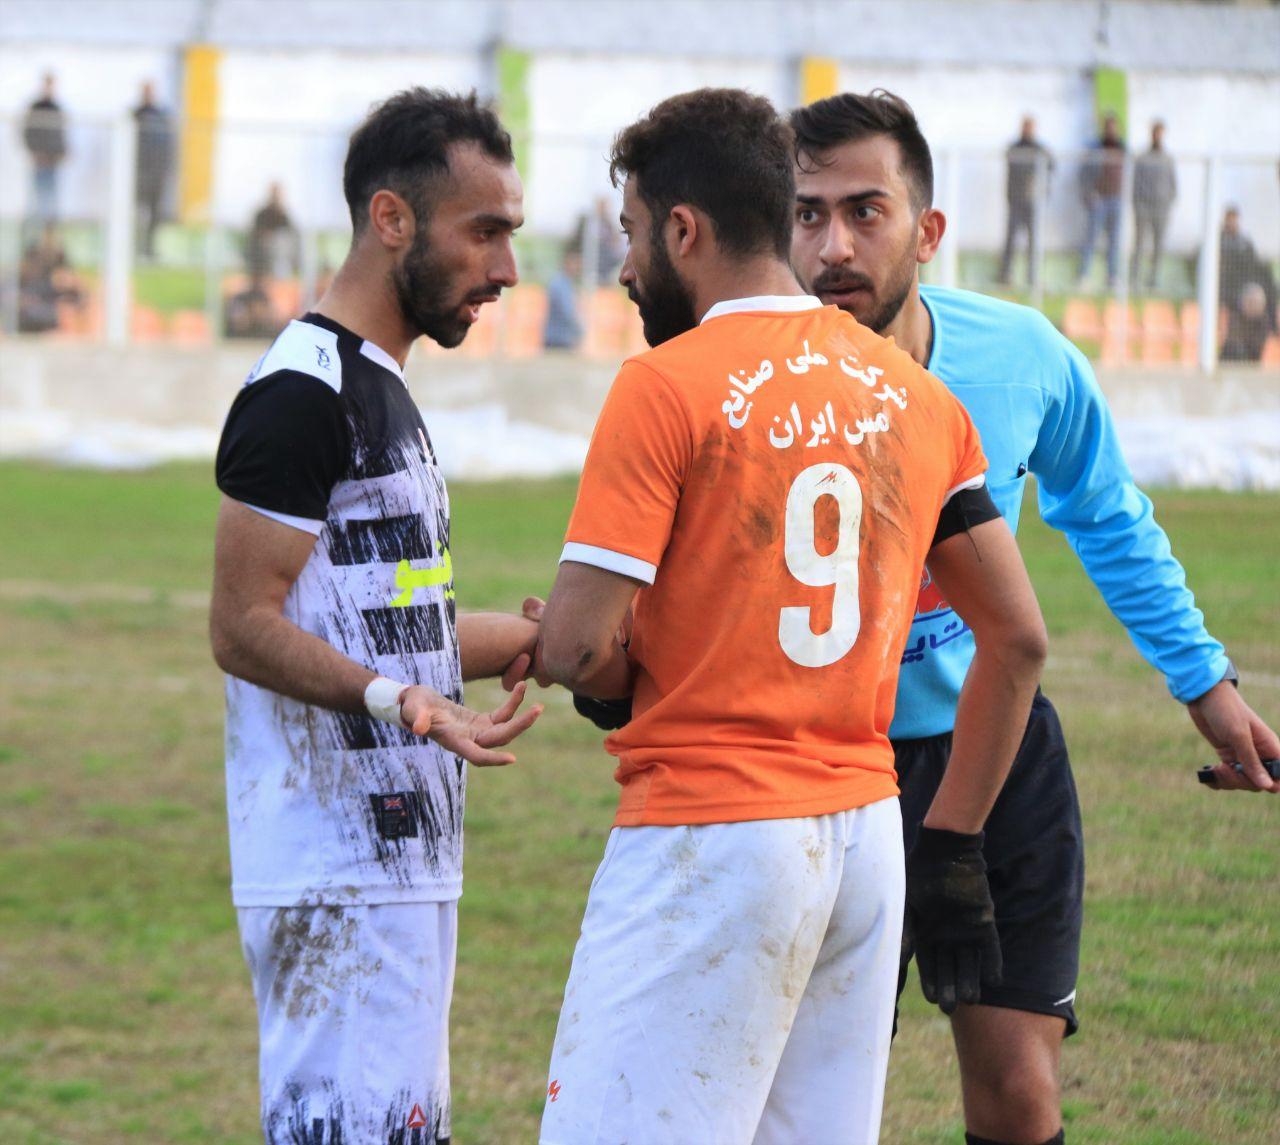 گزارش تصویری: هفته نوزدهم لیگ دسته یک فوتبال کشور/ رایکا بابل - مس کرمان